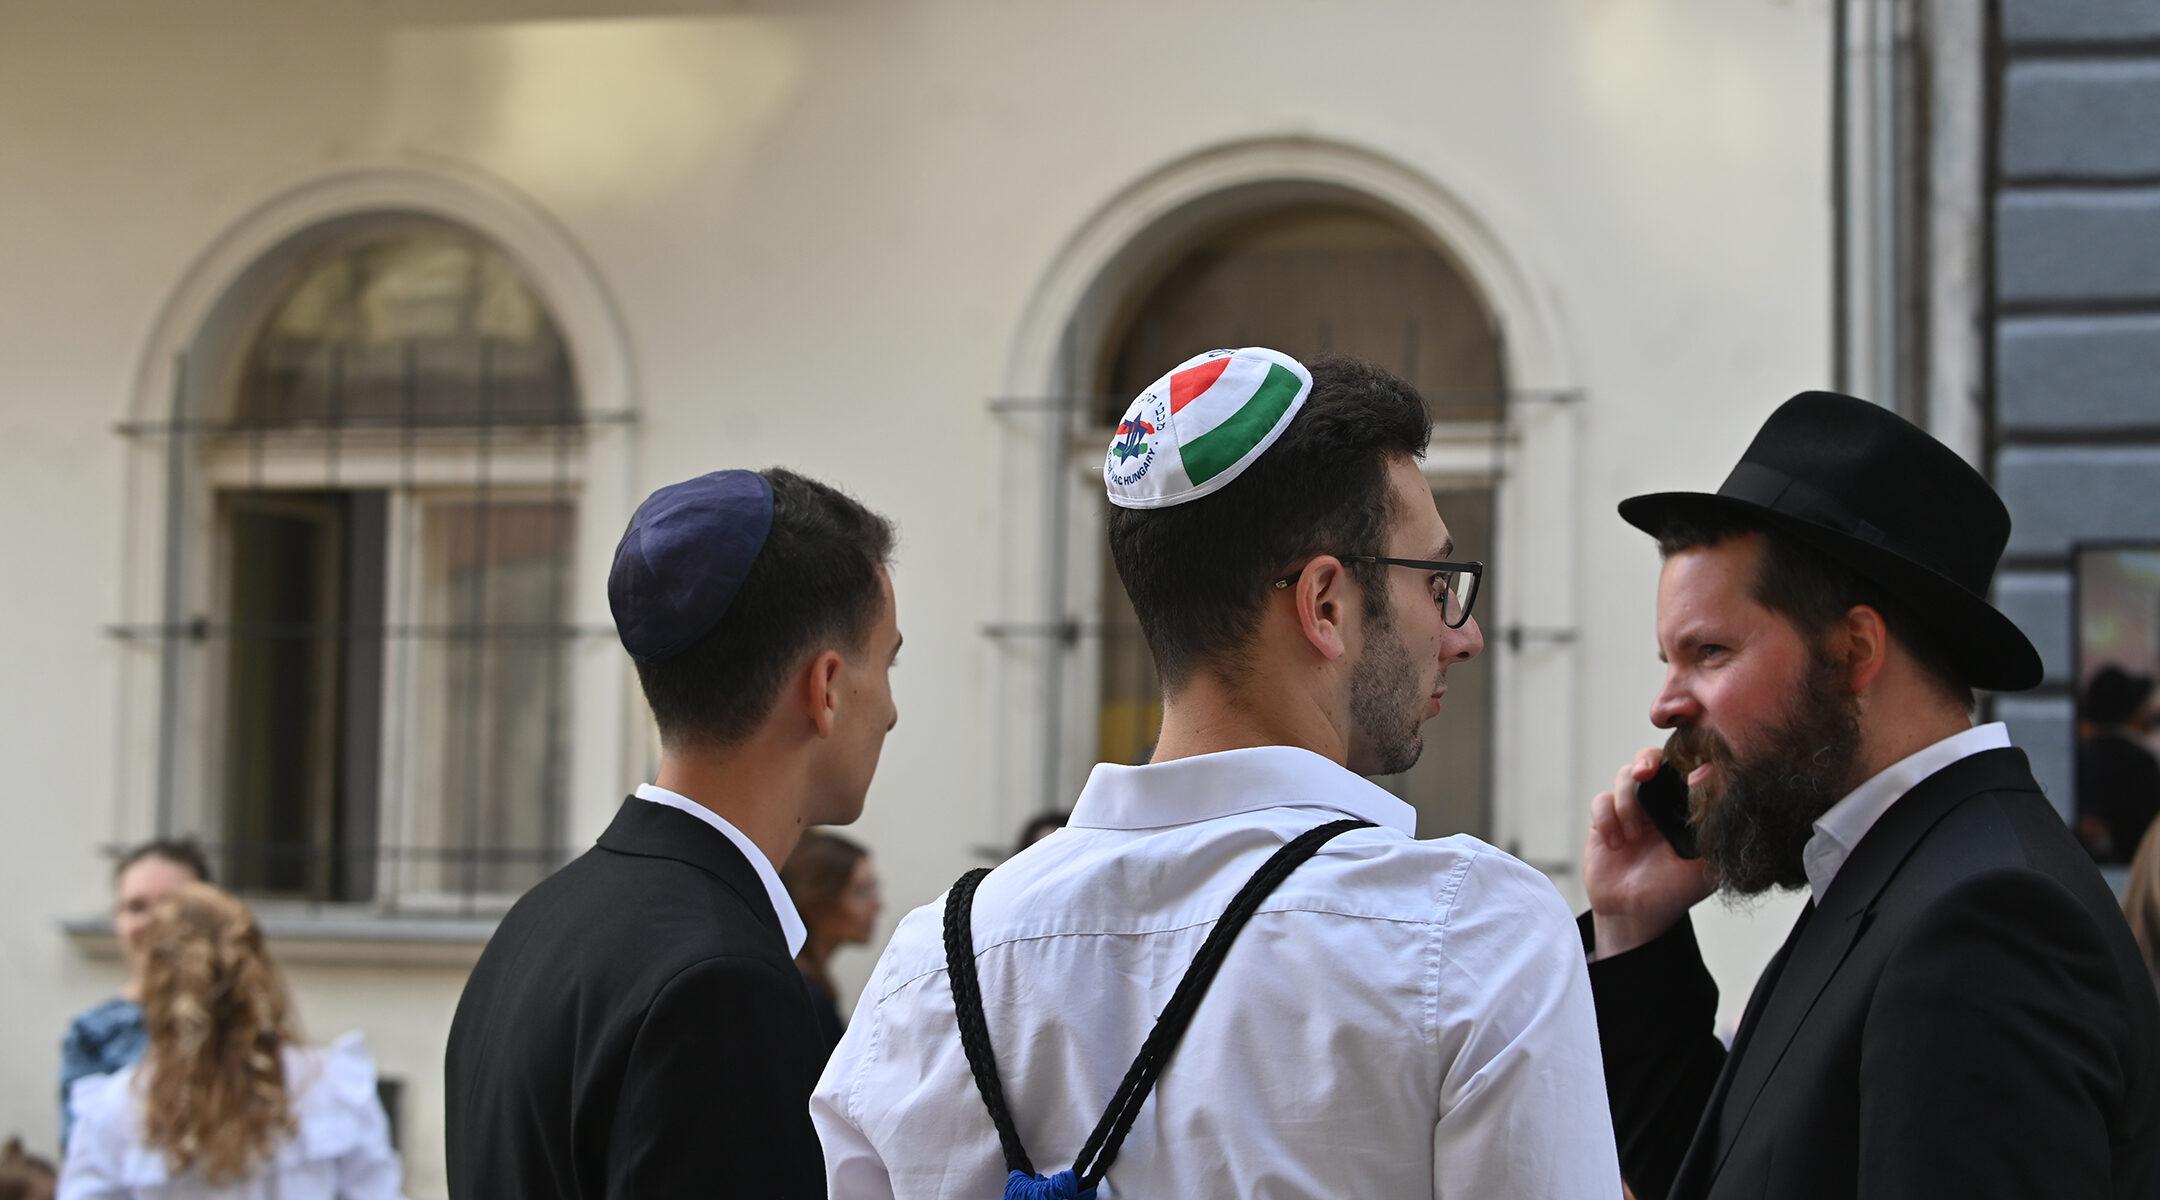 Kevés az összefüggés a zsidóellenes nézetek elterjedtsége és az antiszemita támadások száma között